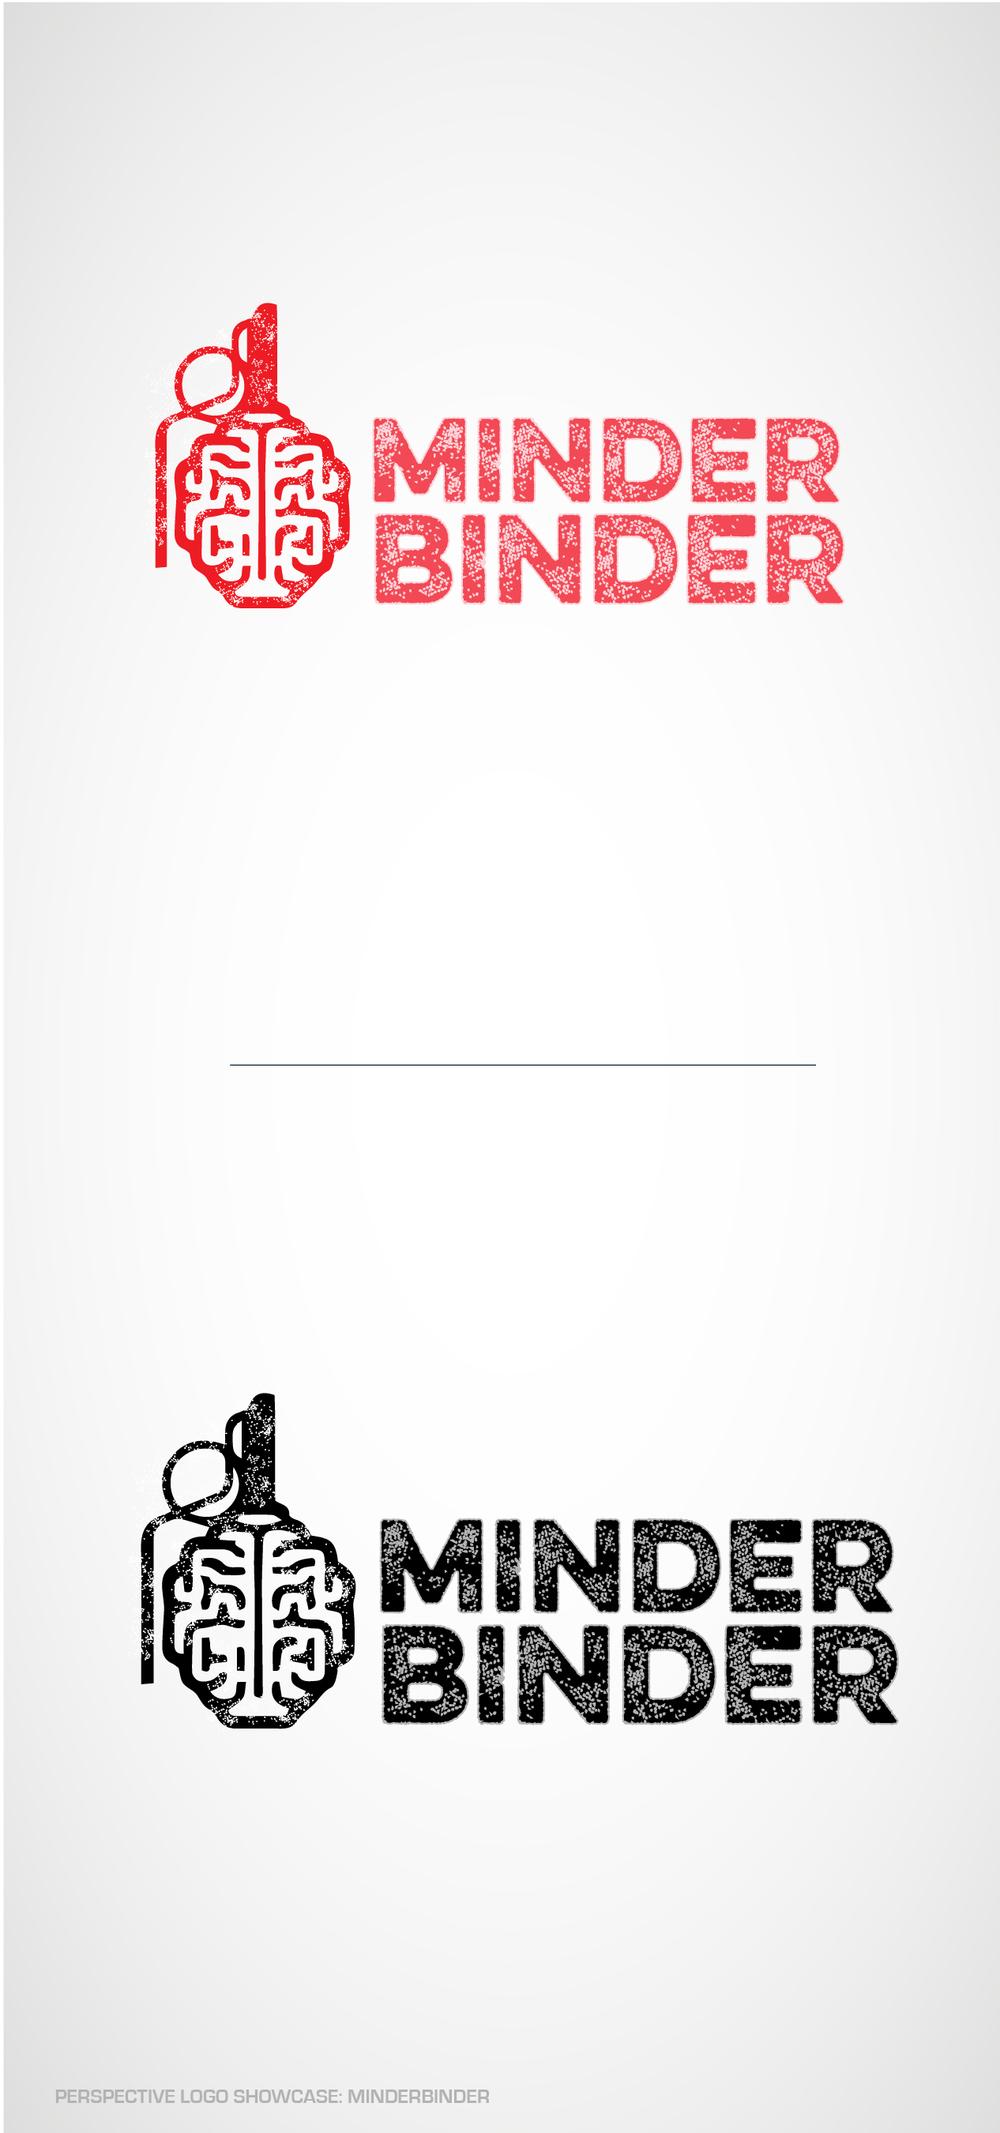 minder_binder_finals-06.jpg